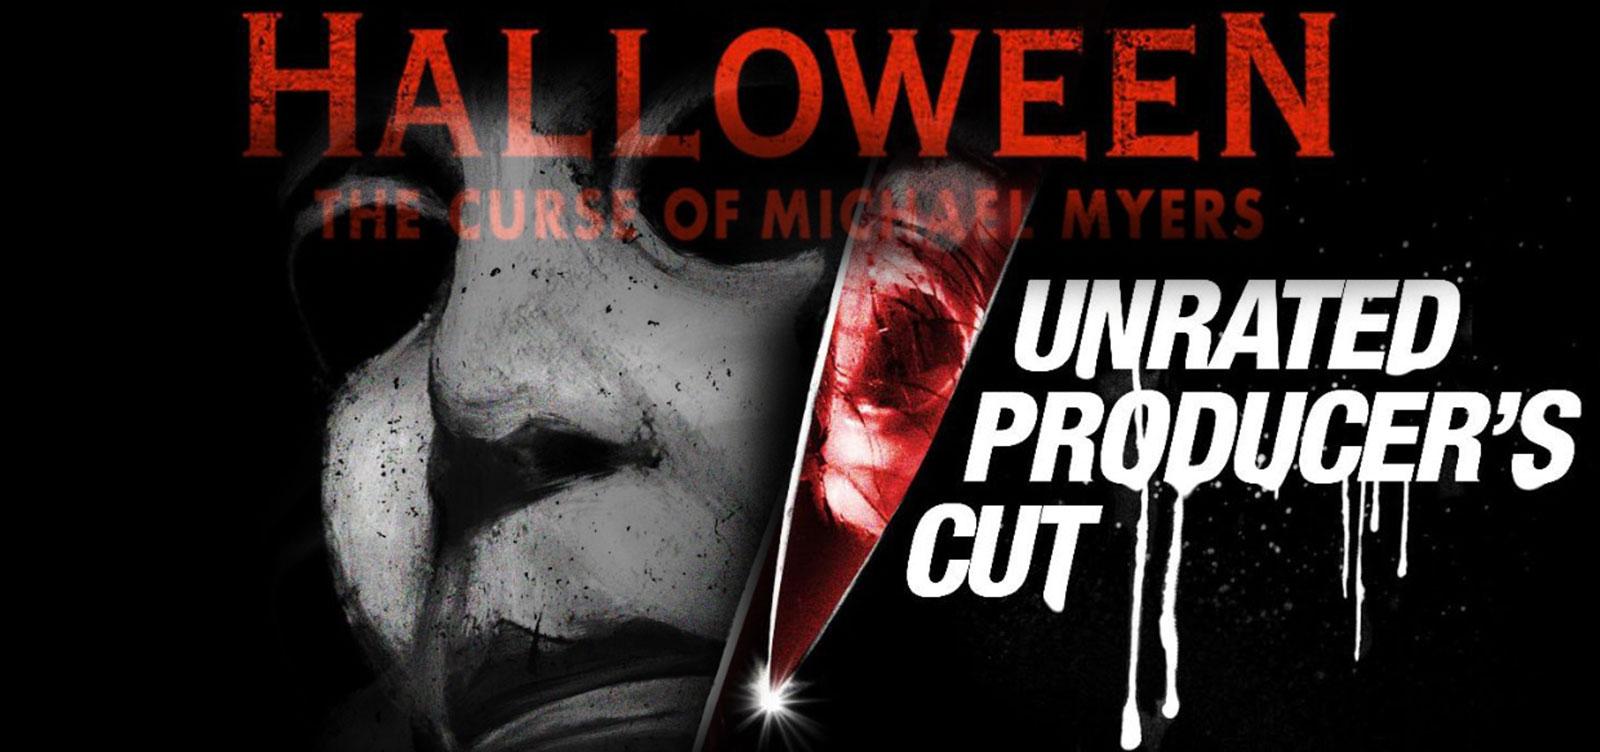 Halloween_6BR_Images_V01